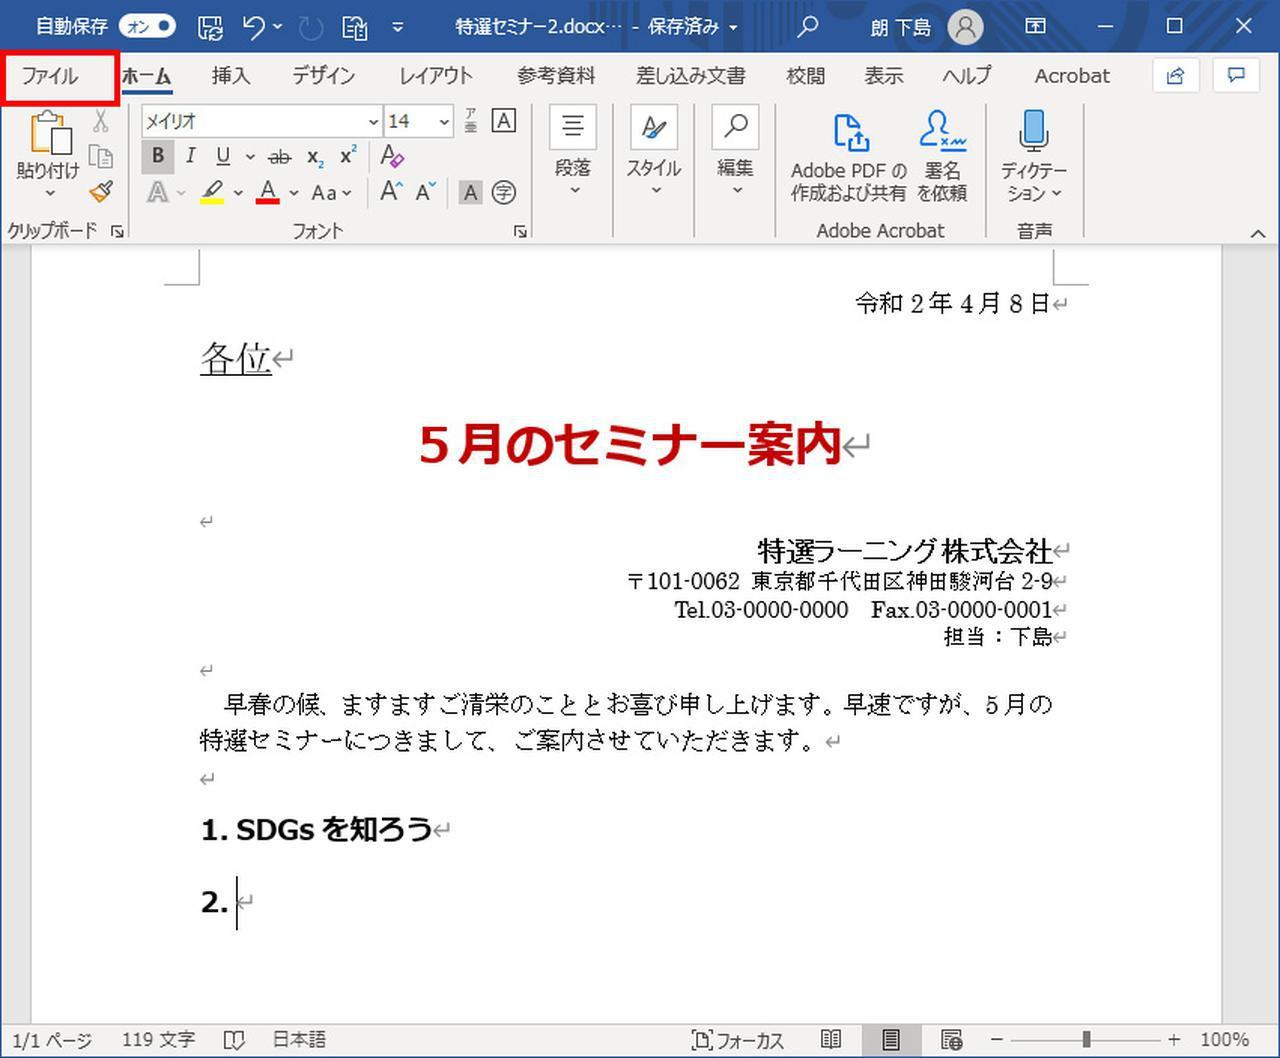 画像2: おせっかいな「自動箇条書き」の機能をやめさせる